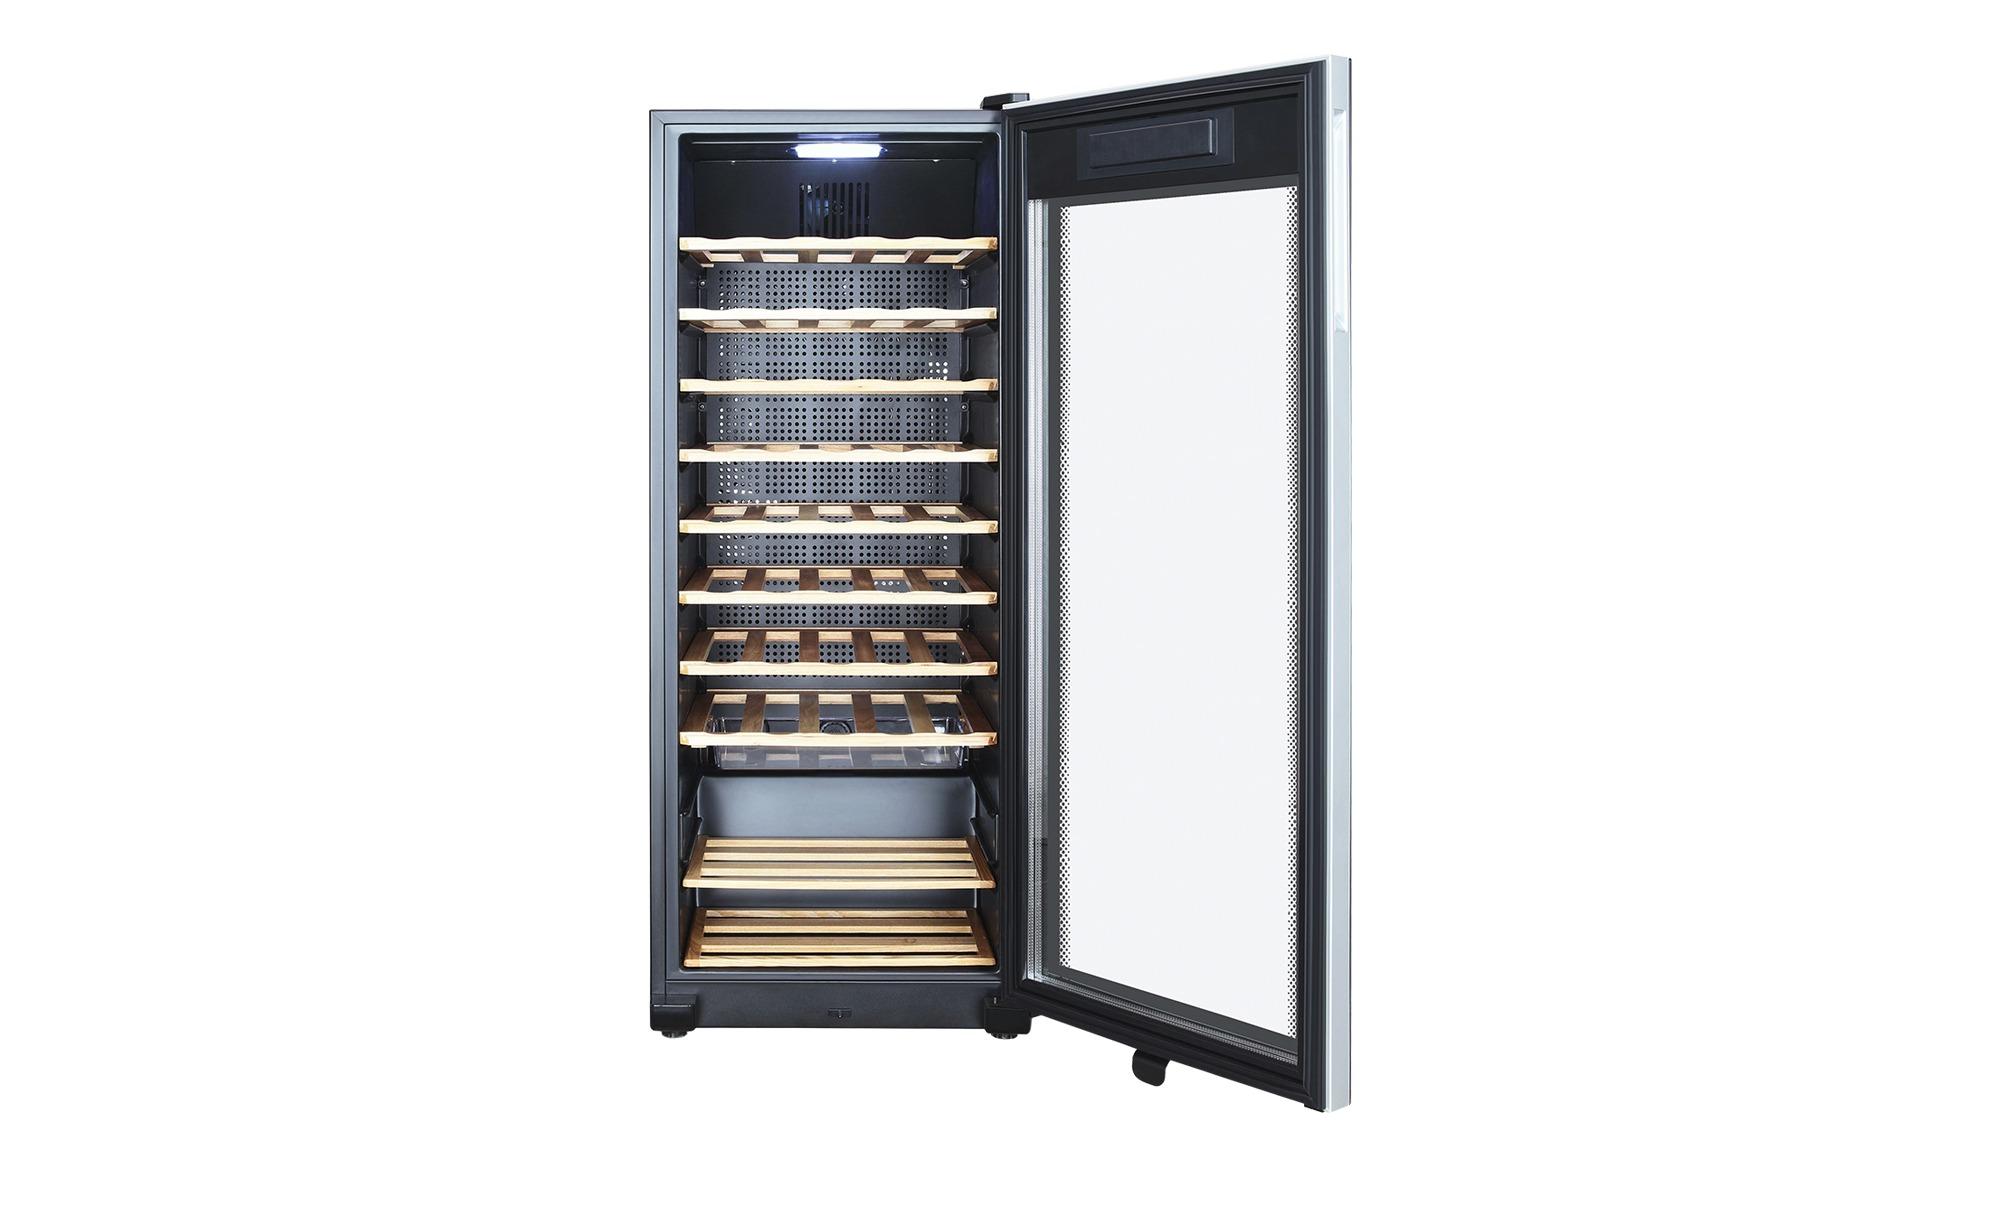 Gorenje Kühlschrank Lila : Kühlschränke online kaufen möbel suchmaschine ladendirekt.de